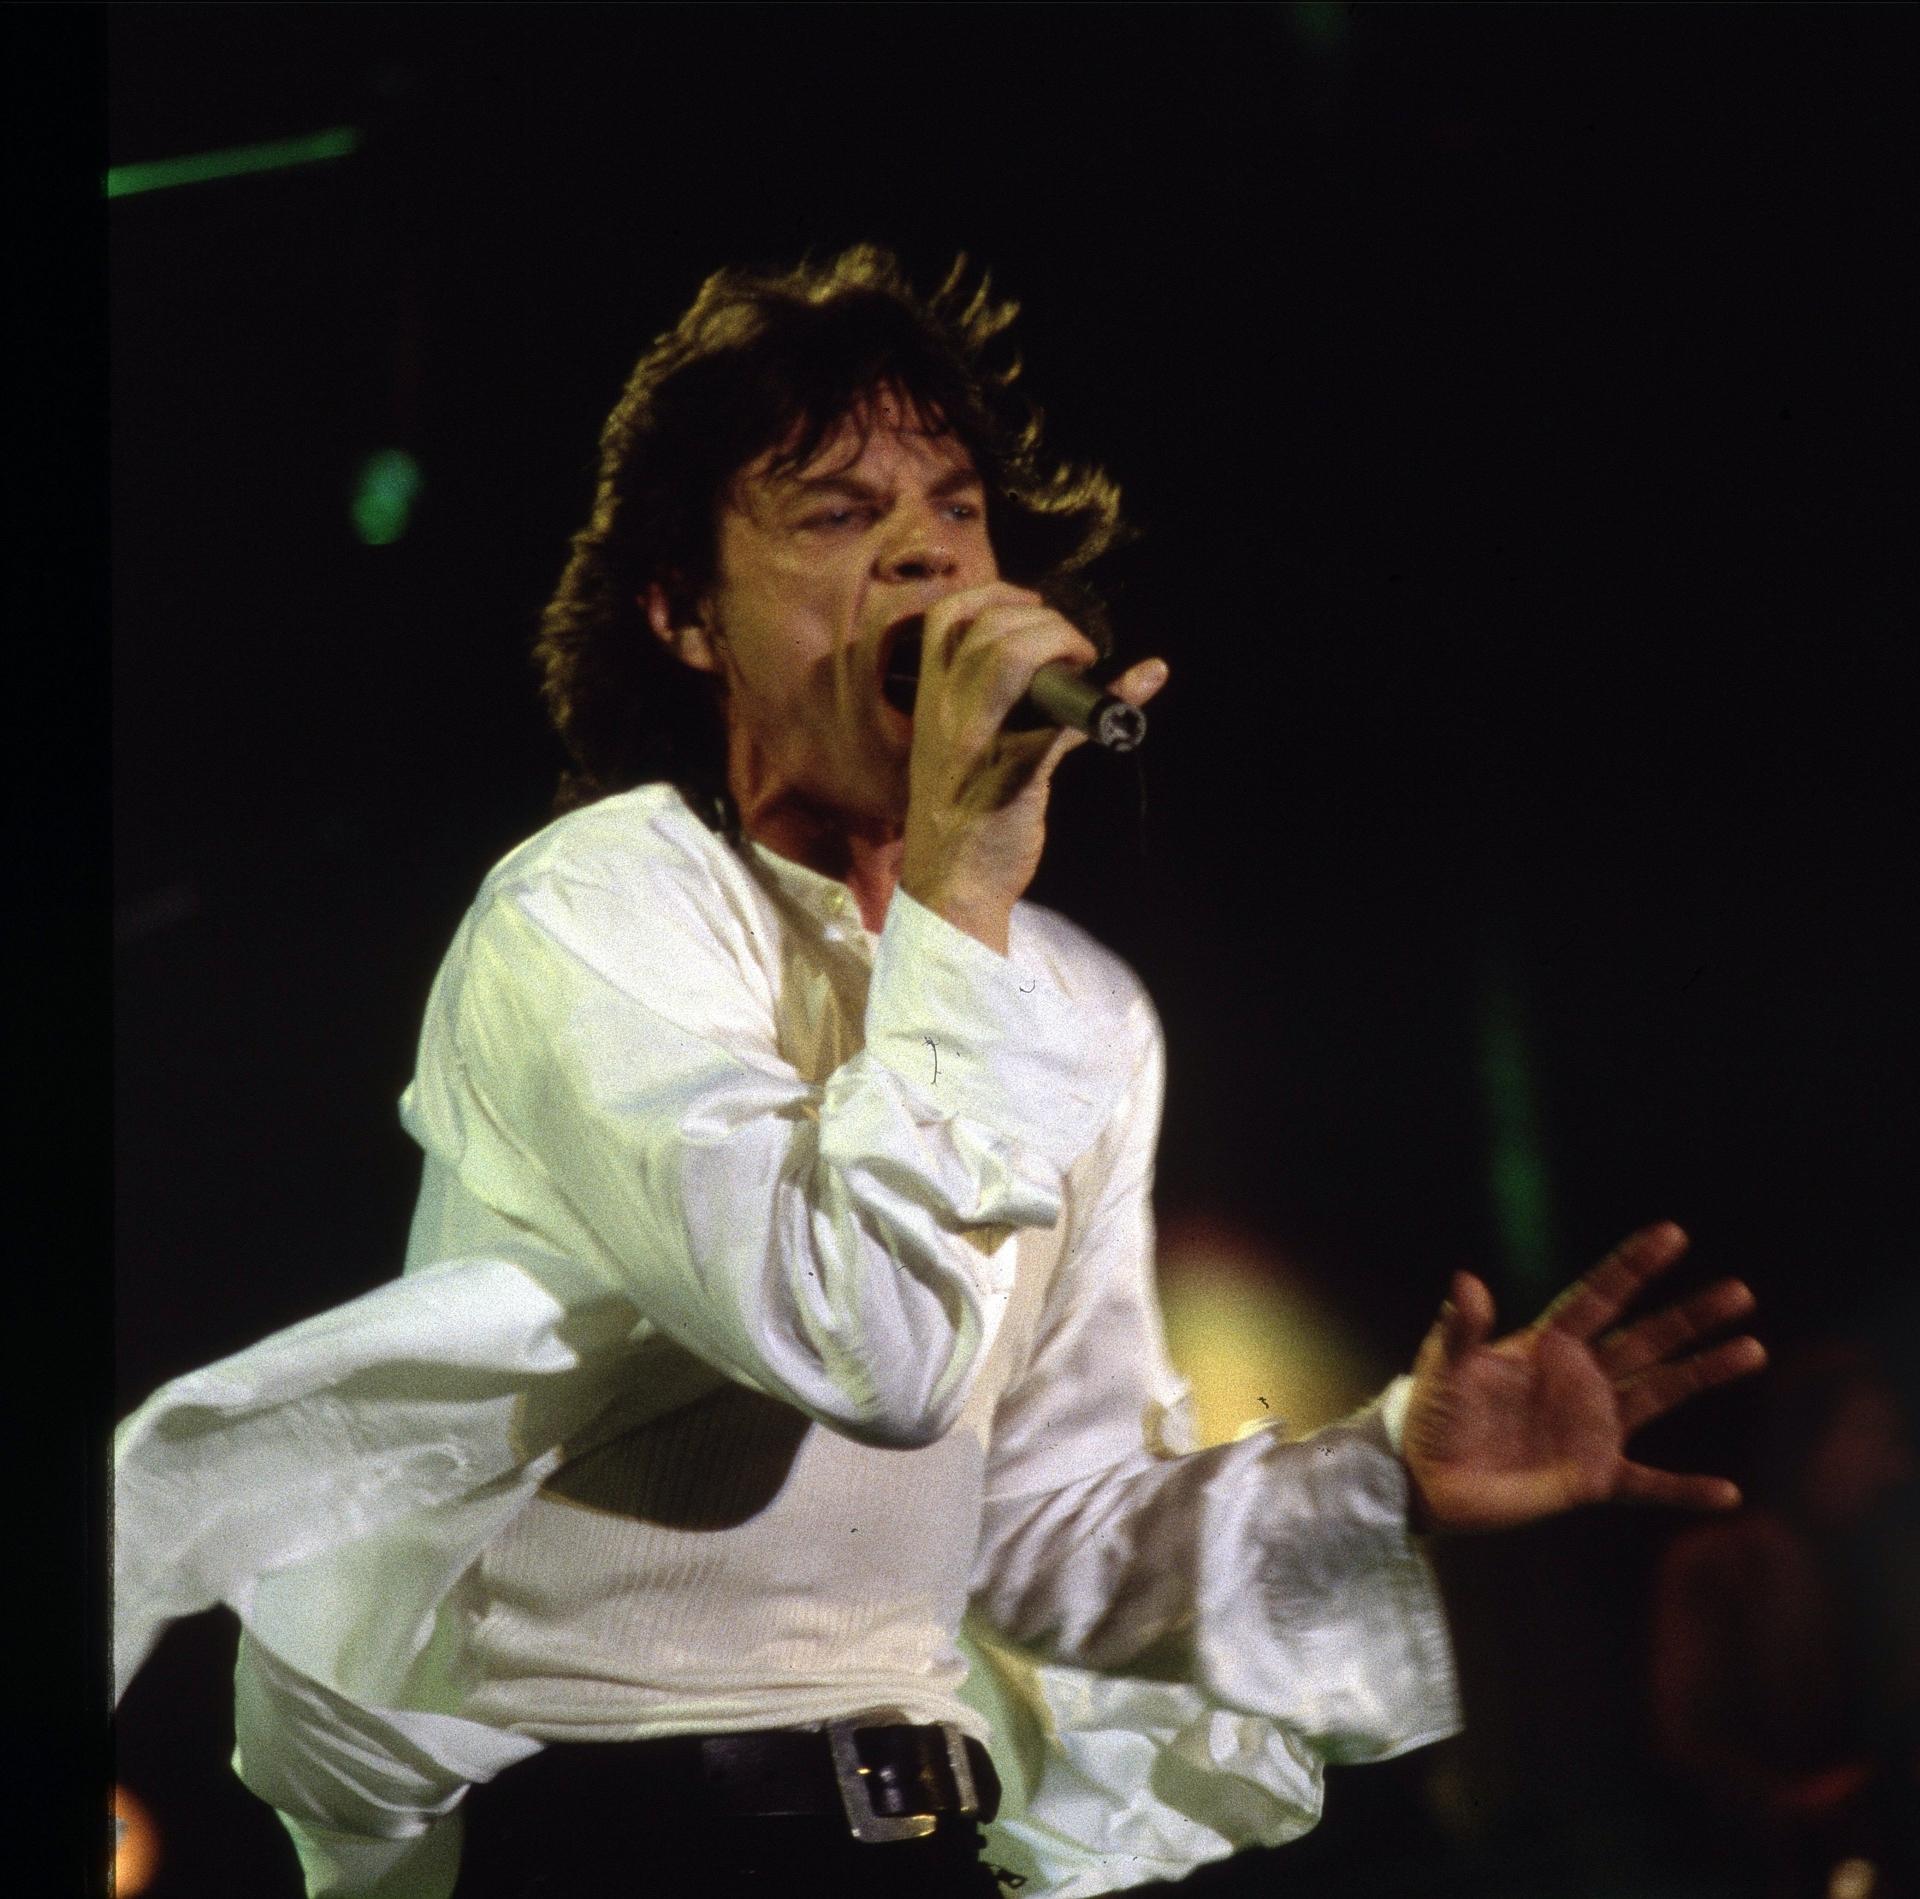 Inregistrari The Rolling Stones din au aparut pe YouTube. Ce urmareste Mick Jagger